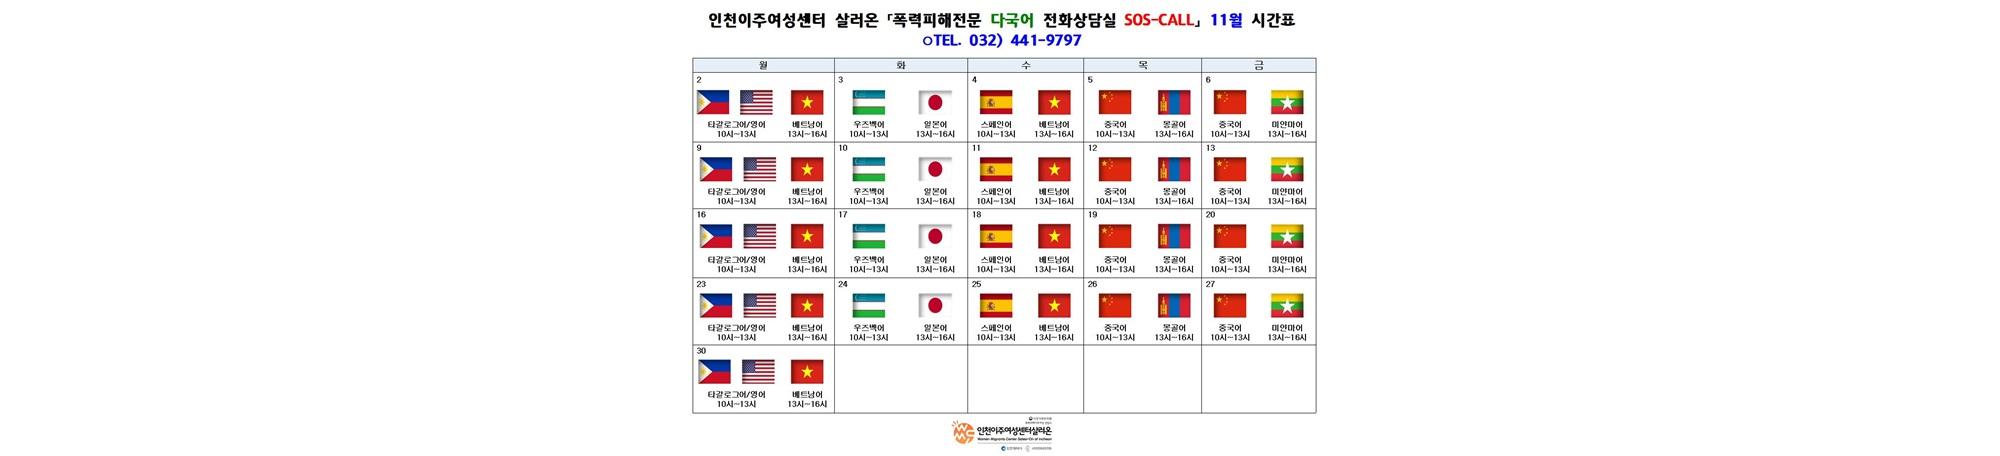 「폭력피해전문 다국어 전화상담실 SOS-CALL」 11월 일정